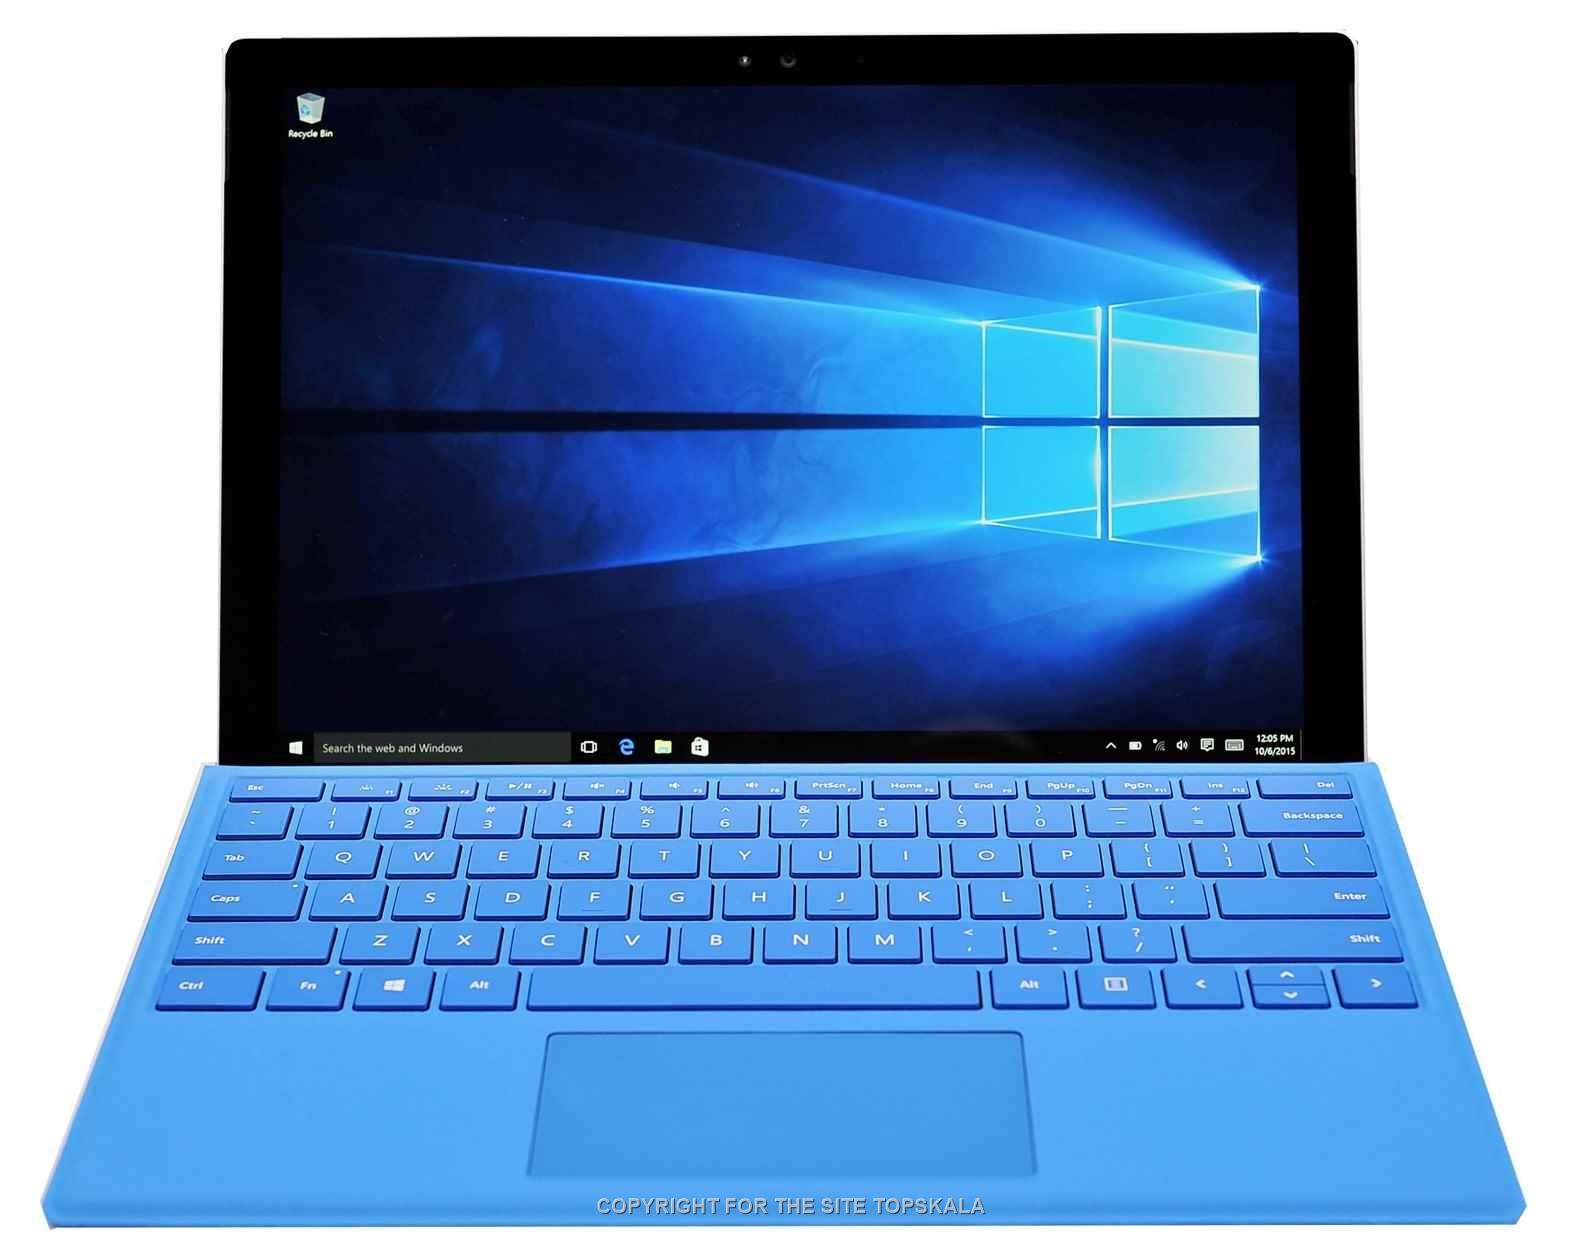 مایکروسافت / سرفیس استوک مایکروسافت مدل Microsoft Surface Pro 4